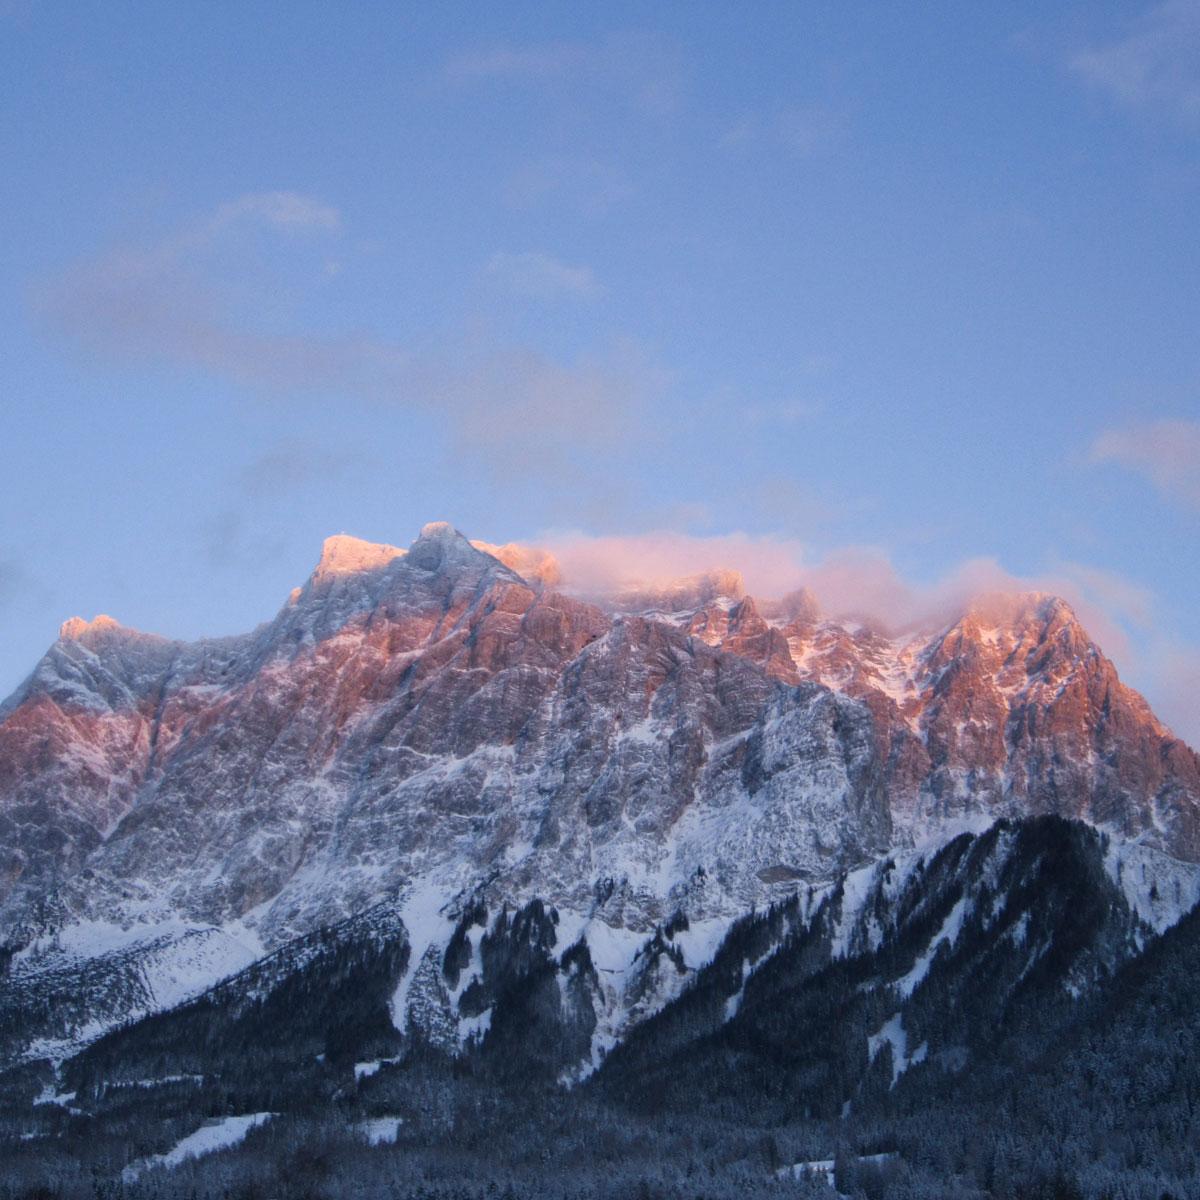 Atikelbild Sommerwanderung Schneeballschlacht Abendstimmung an der Zugspitze